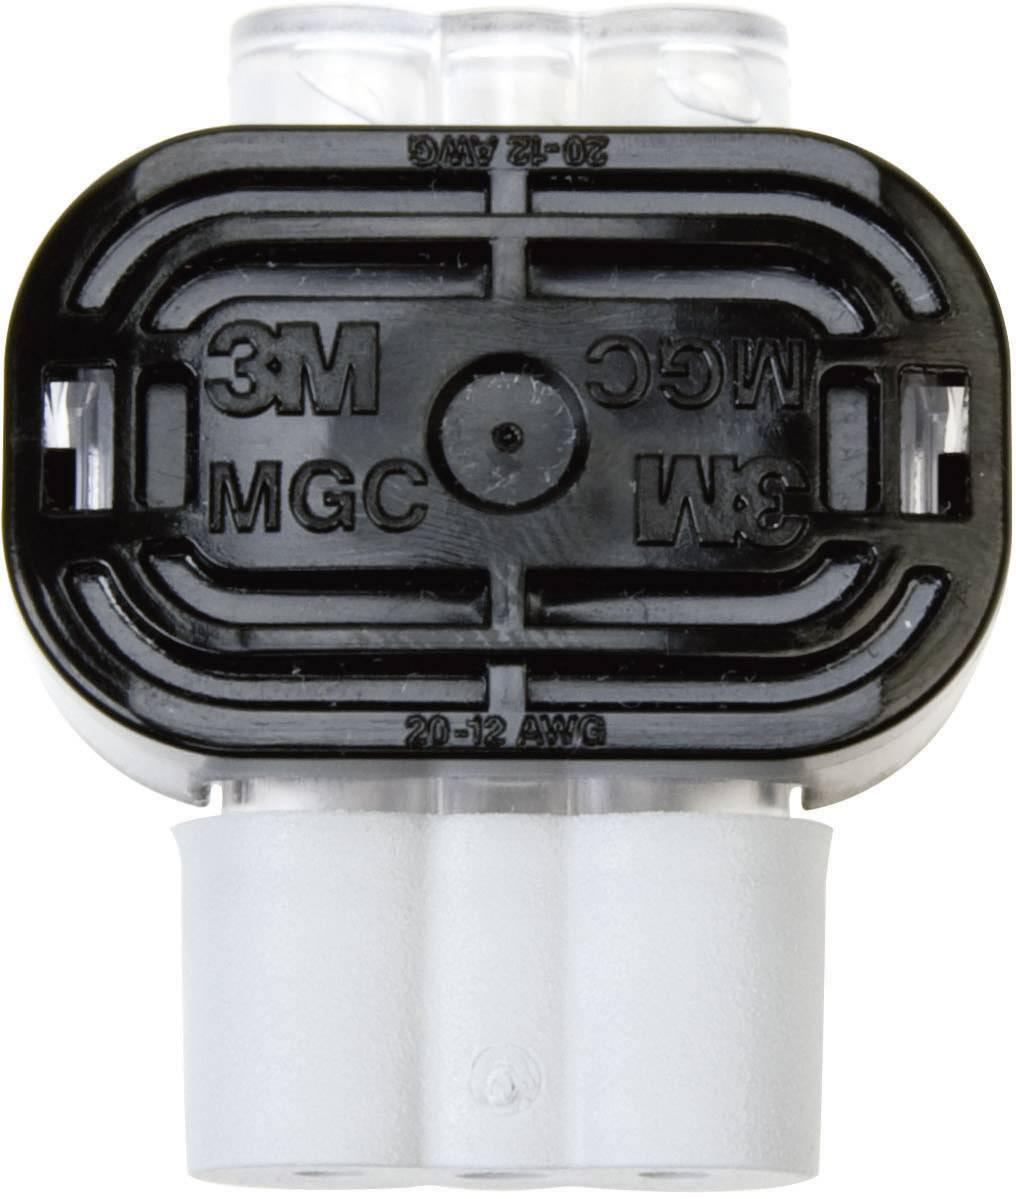 Nízkonapěťový konektor 3M na kábel s rozmerom 0.79-3.14 mm², pólů 2, 1 ks, sivá